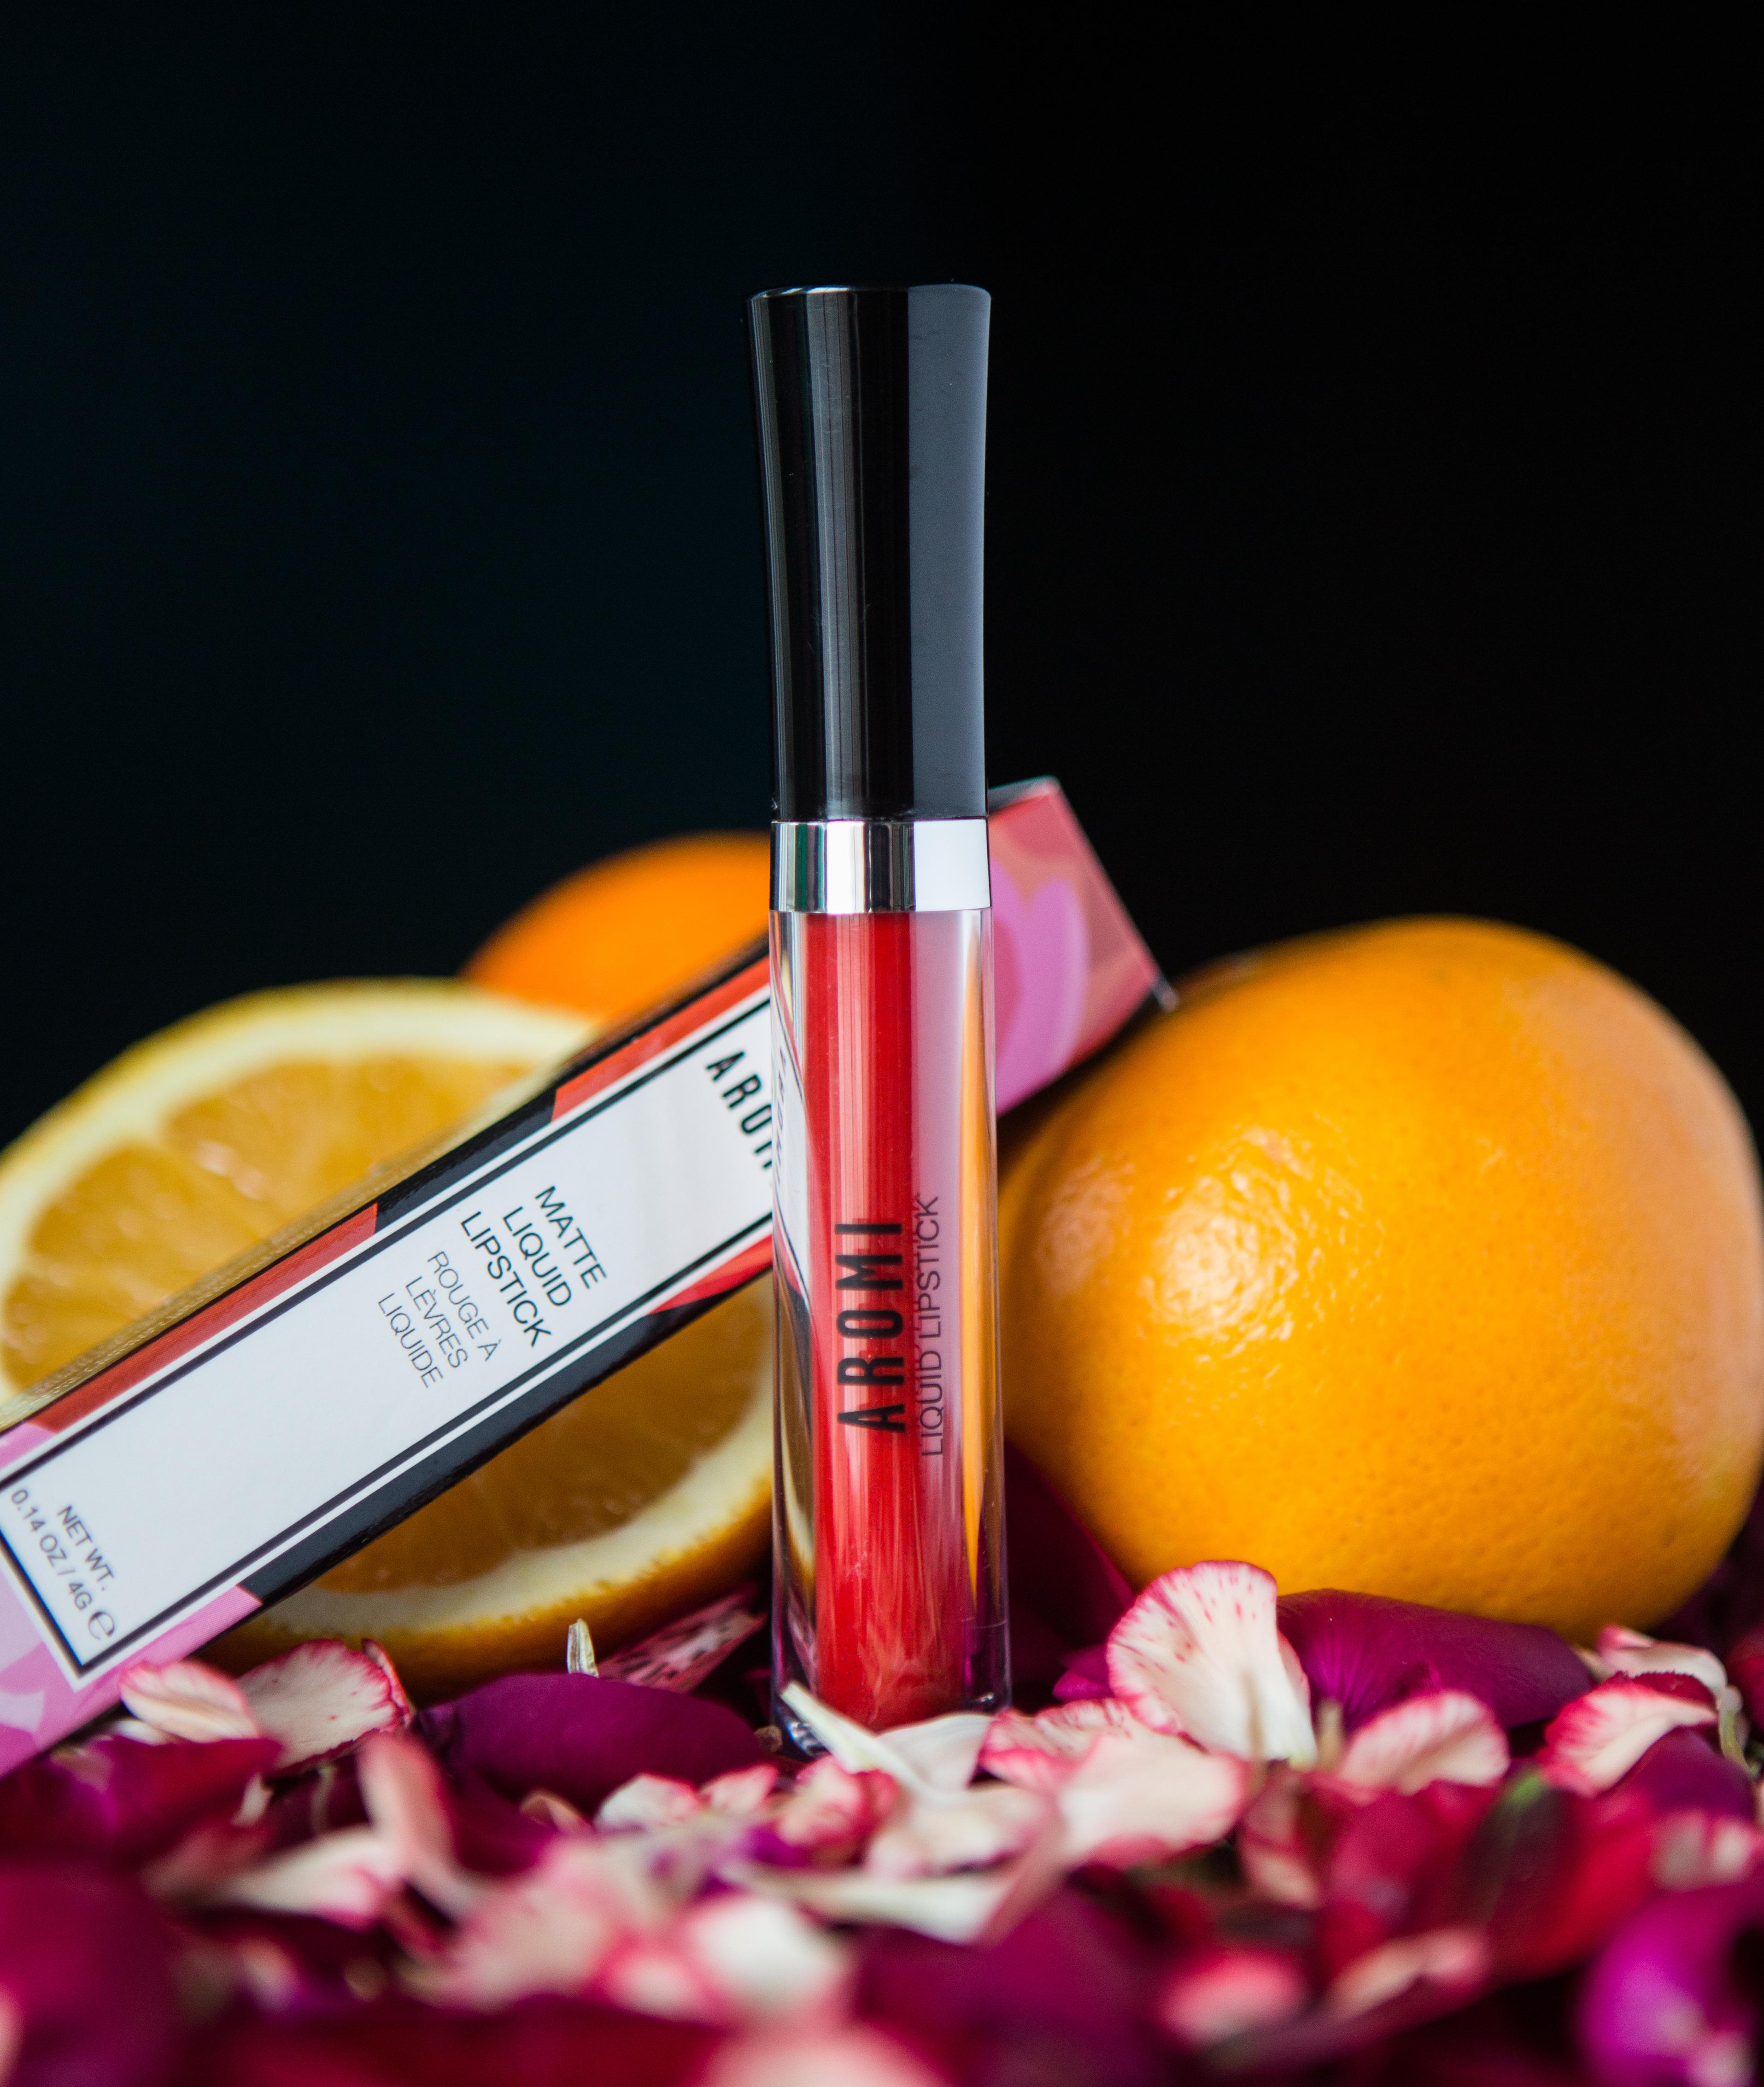 Aromi Orange Tangerine Matte Liquid Lipstick